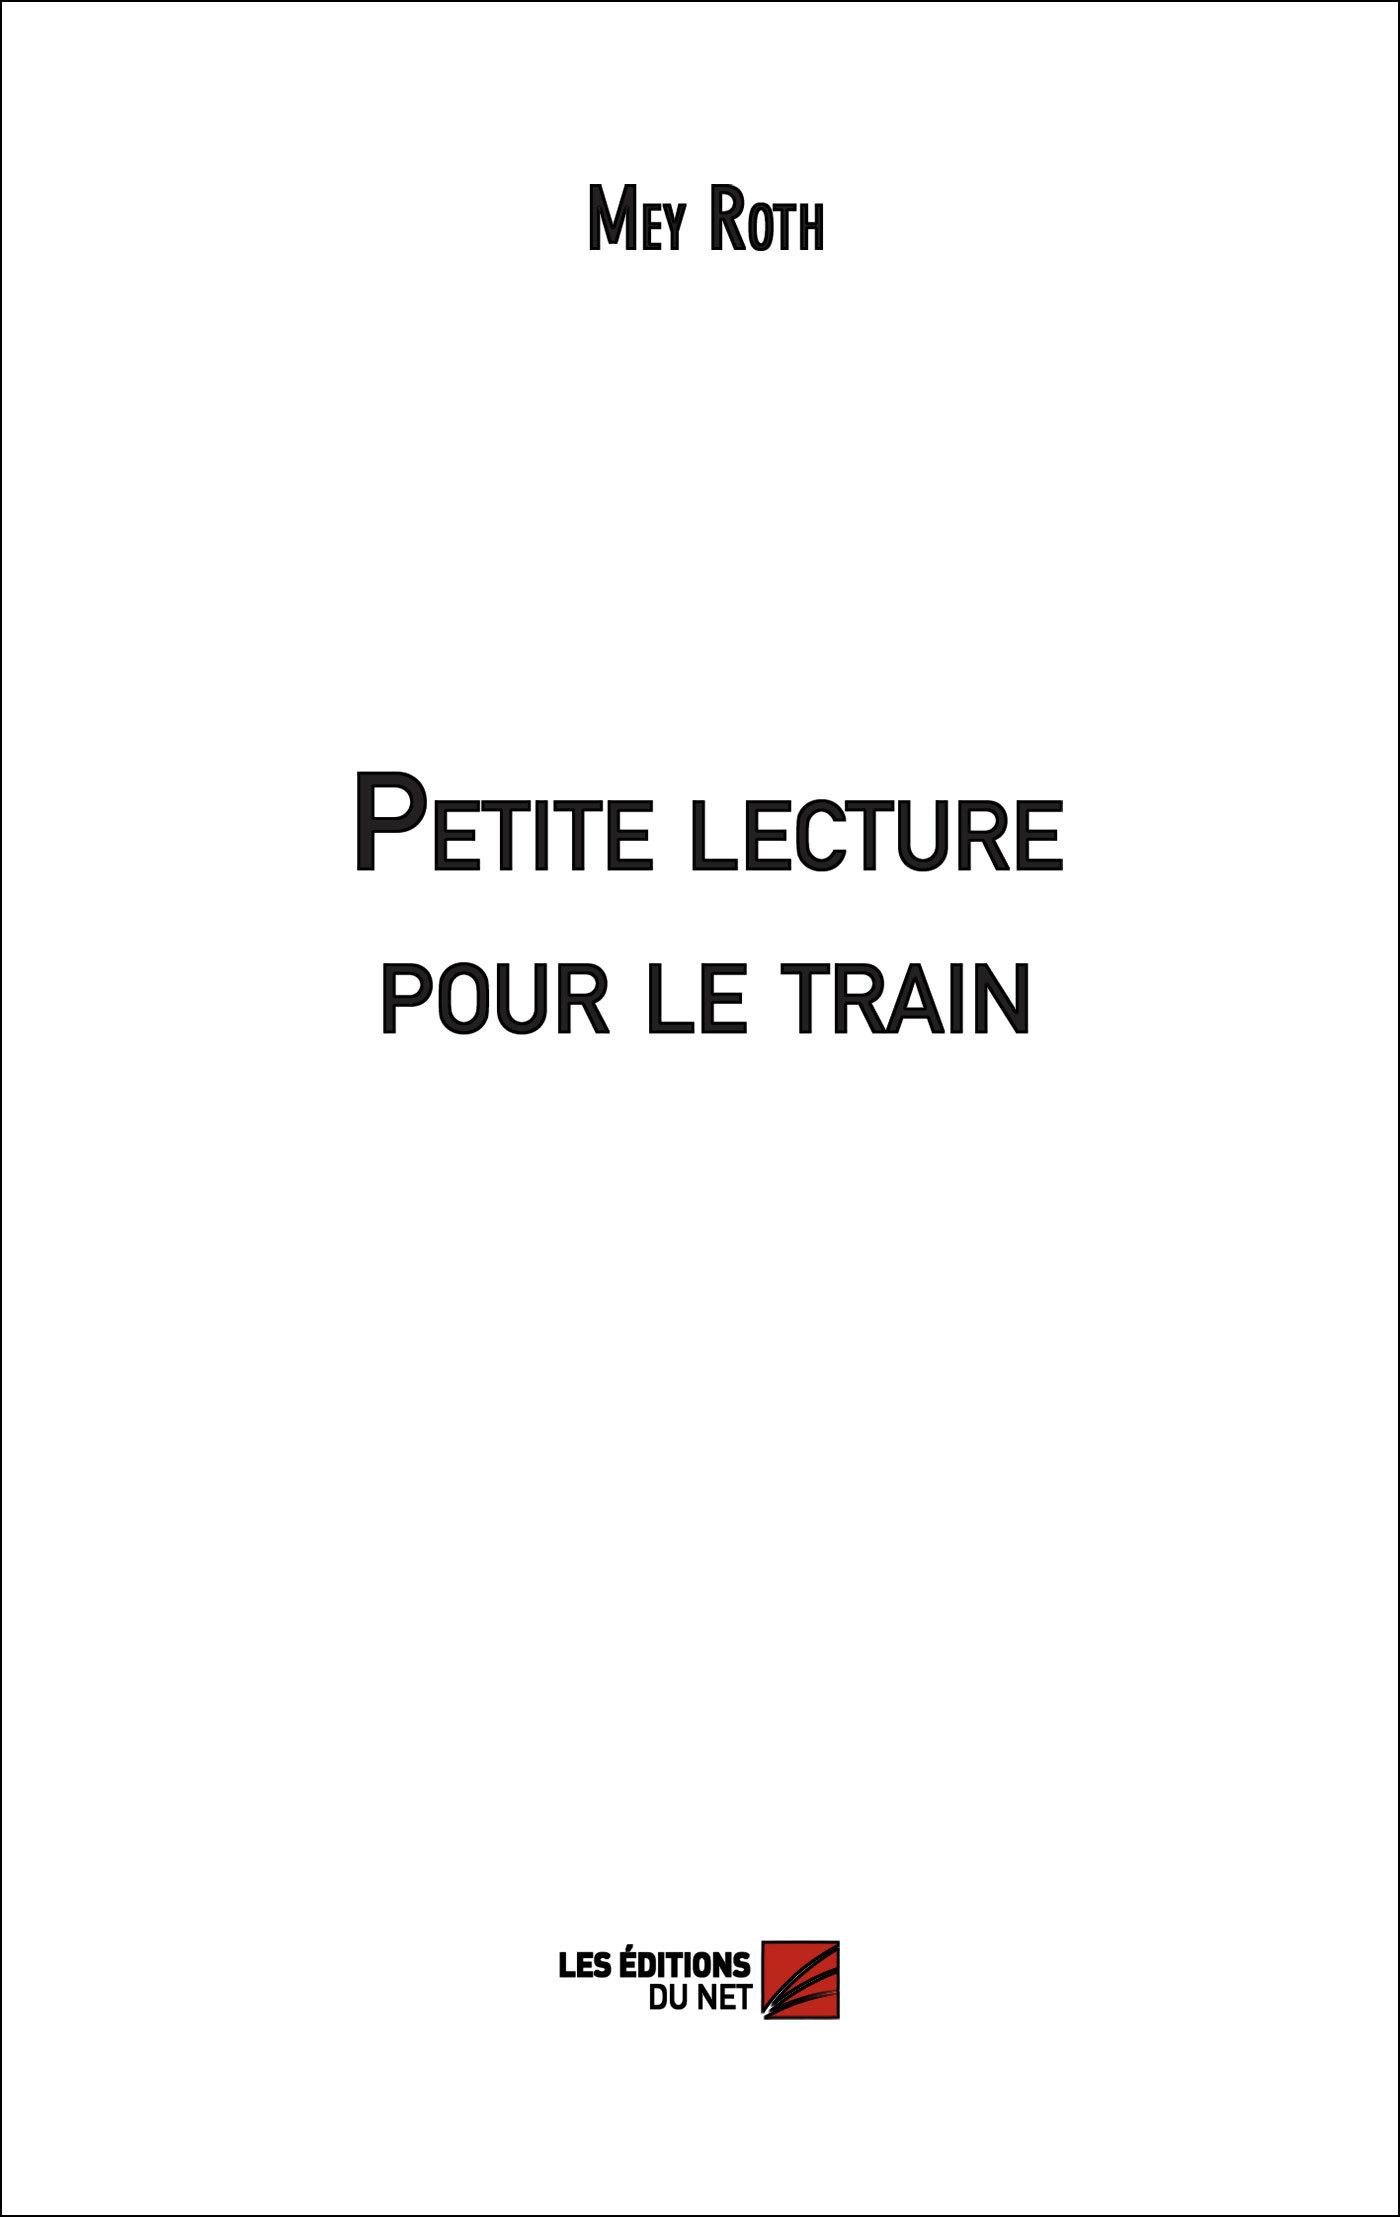 PETITE LECTURE POUR LE TRAIN